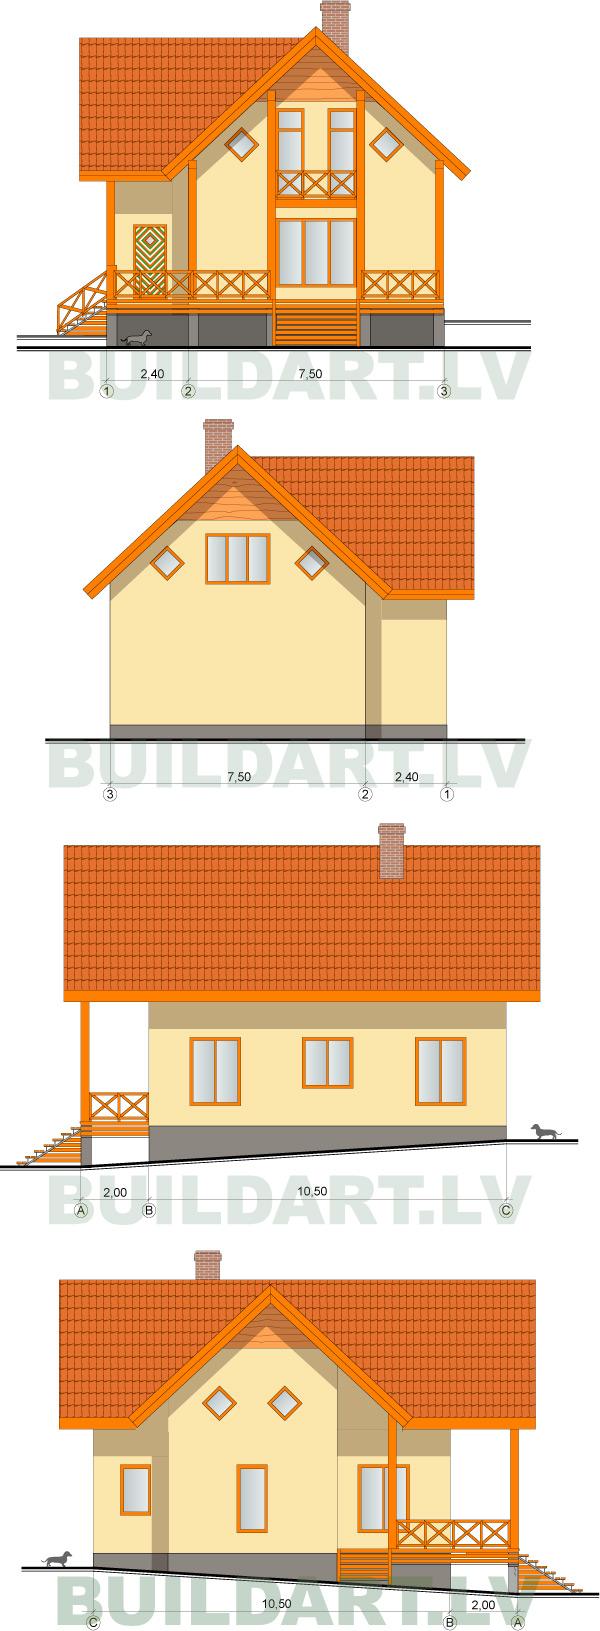 """Mājas projekts """"Viktors"""" 135kvm, fasādes"""